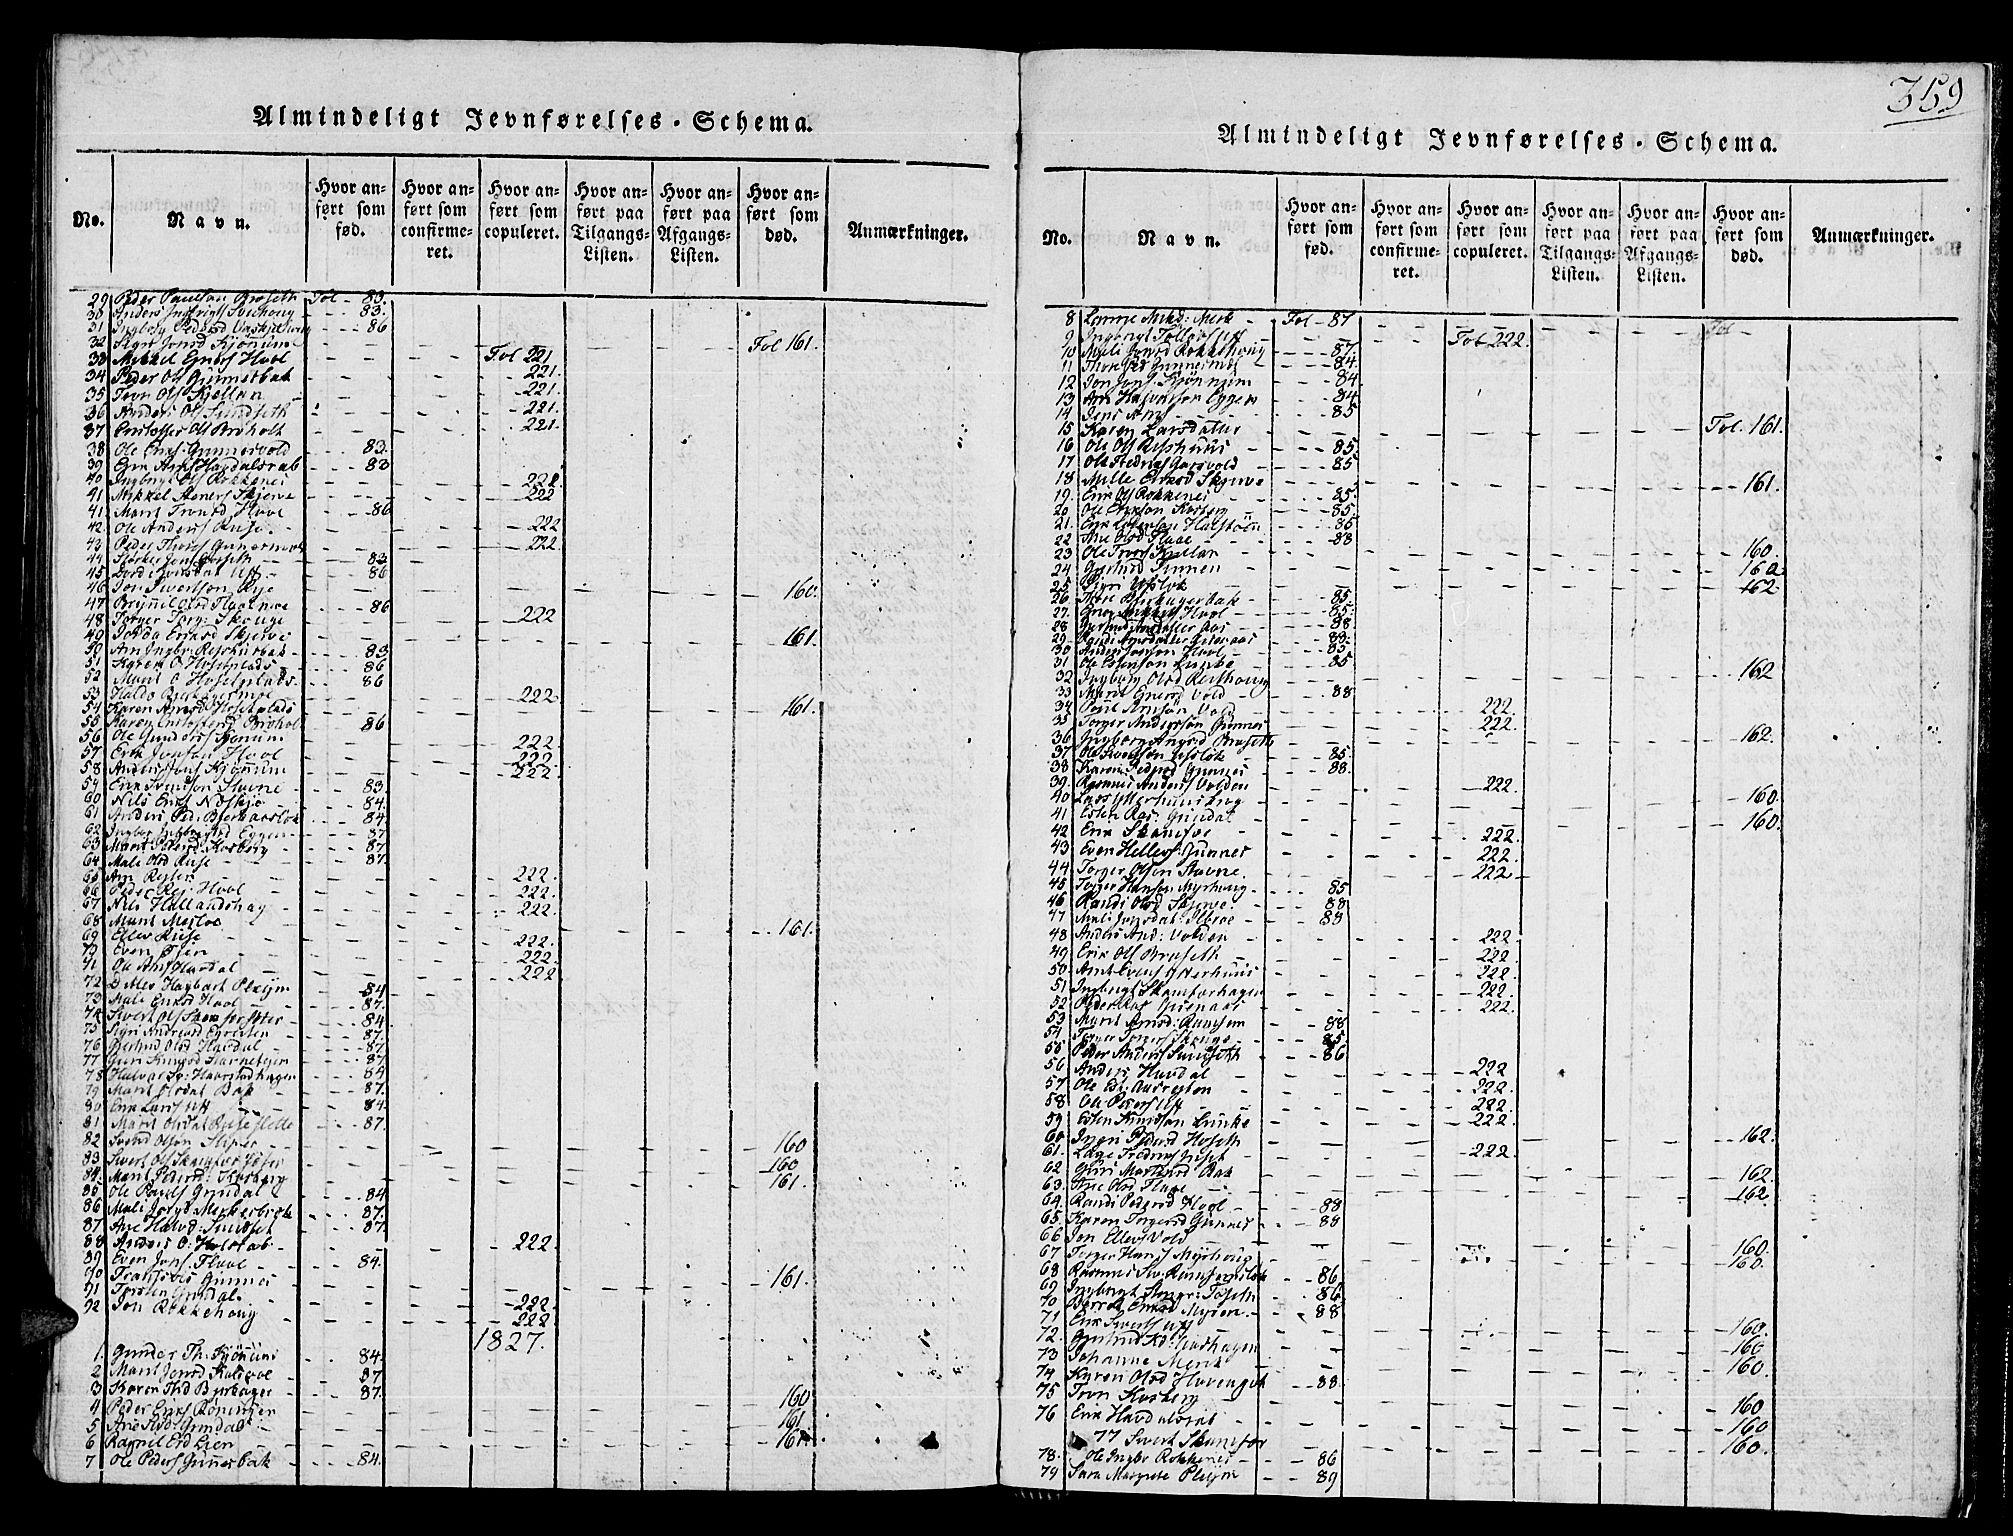 SAT, Ministerialprotokoller, klokkerbøker og fødselsregistre - Sør-Trøndelag, 672/L0854: Ministerialbok nr. 672A06 /2, 1816-1829, s. 359